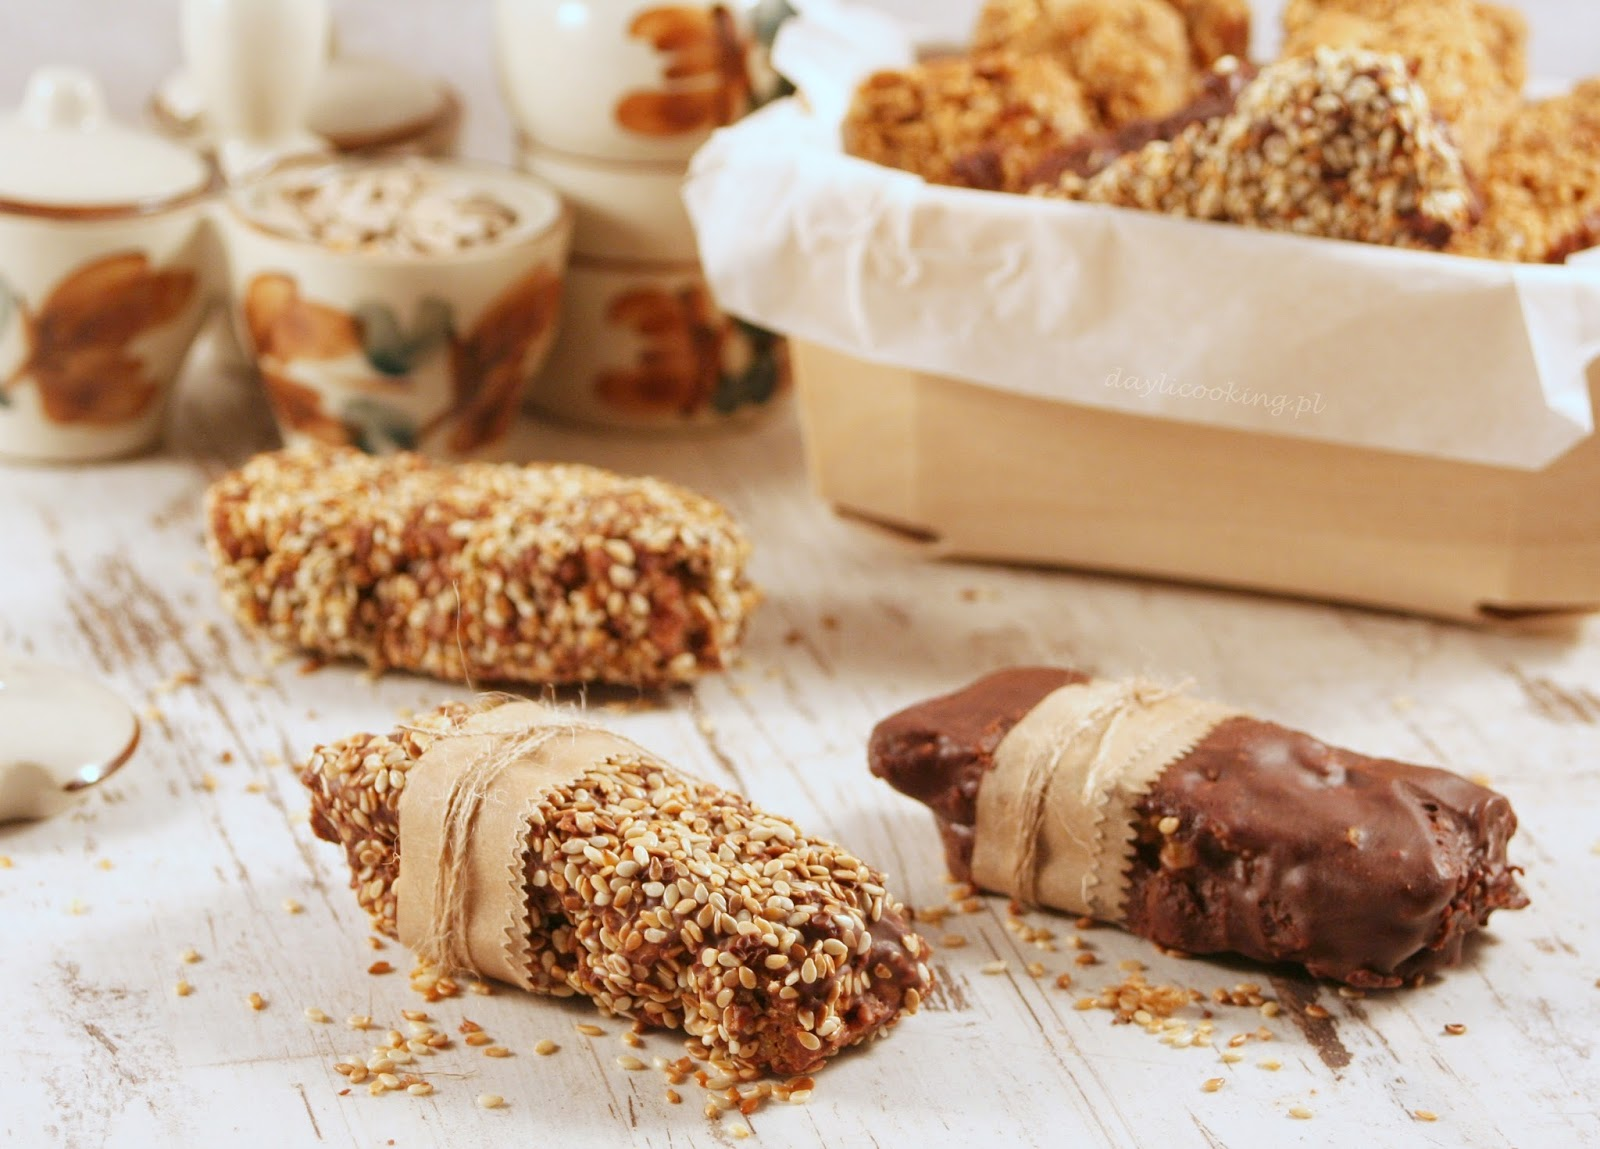 zdrowe domowe słodycze, sprawdzony przepis na domowe batoniki, daylicooking